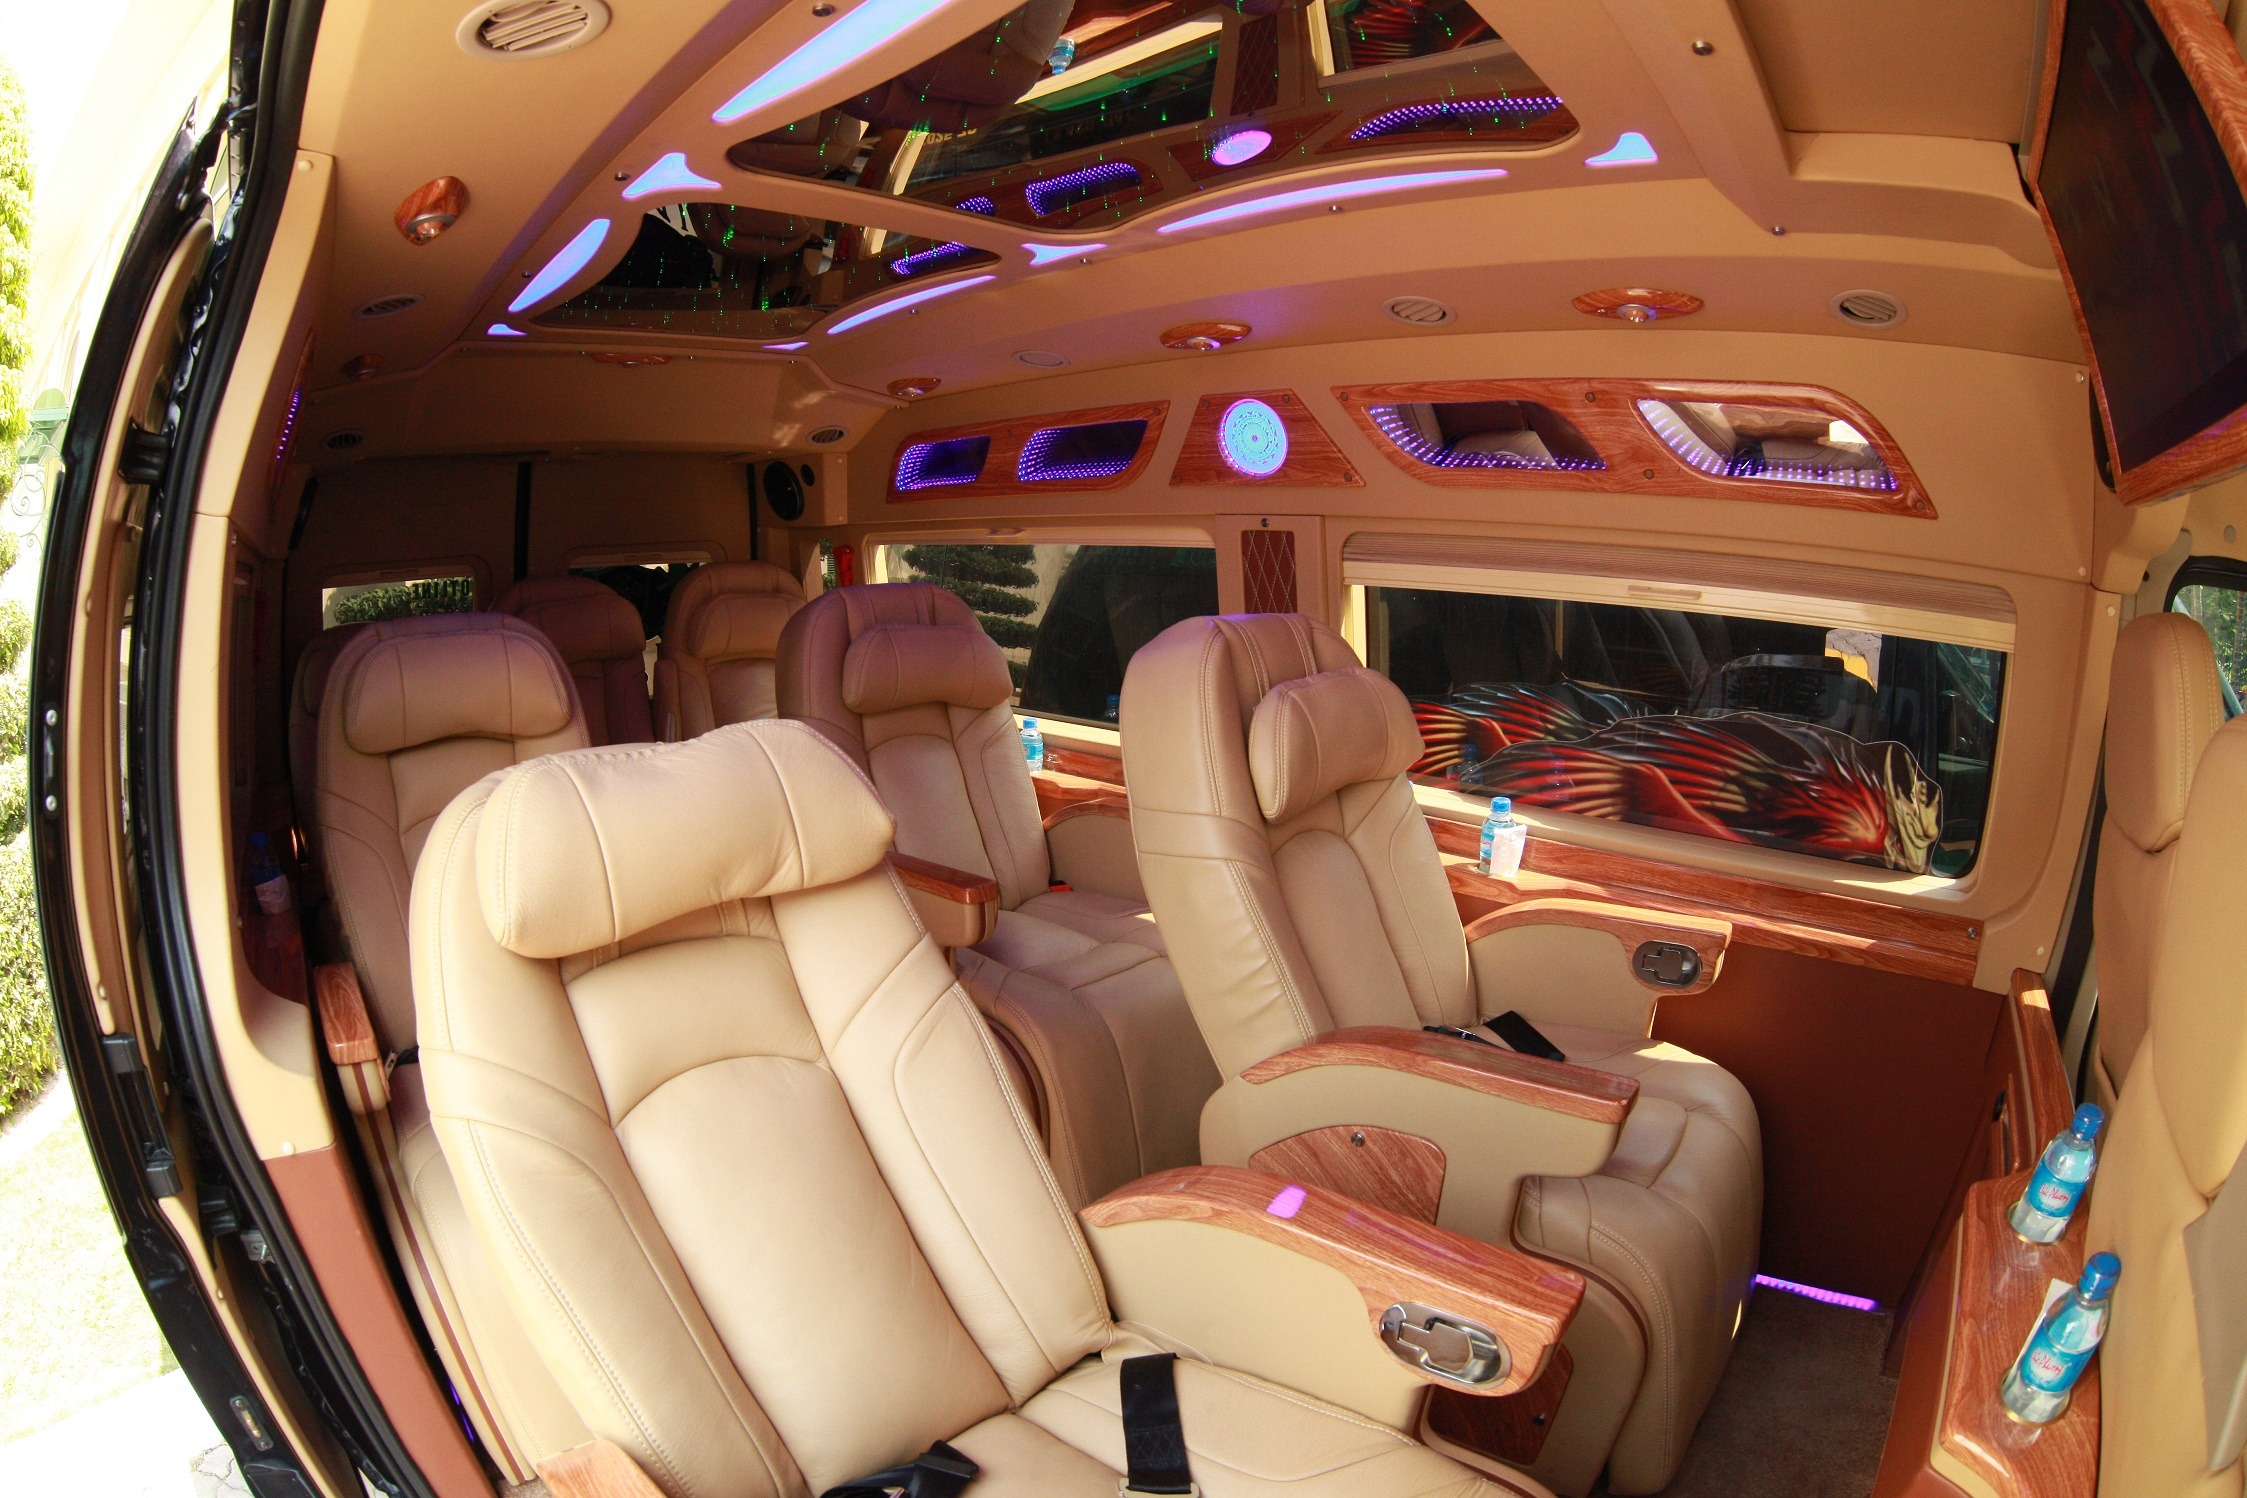 VCAR - Xe Limousine thế hệ mới về với Thành phố Hoa Phượng Đỏ - Ảnh